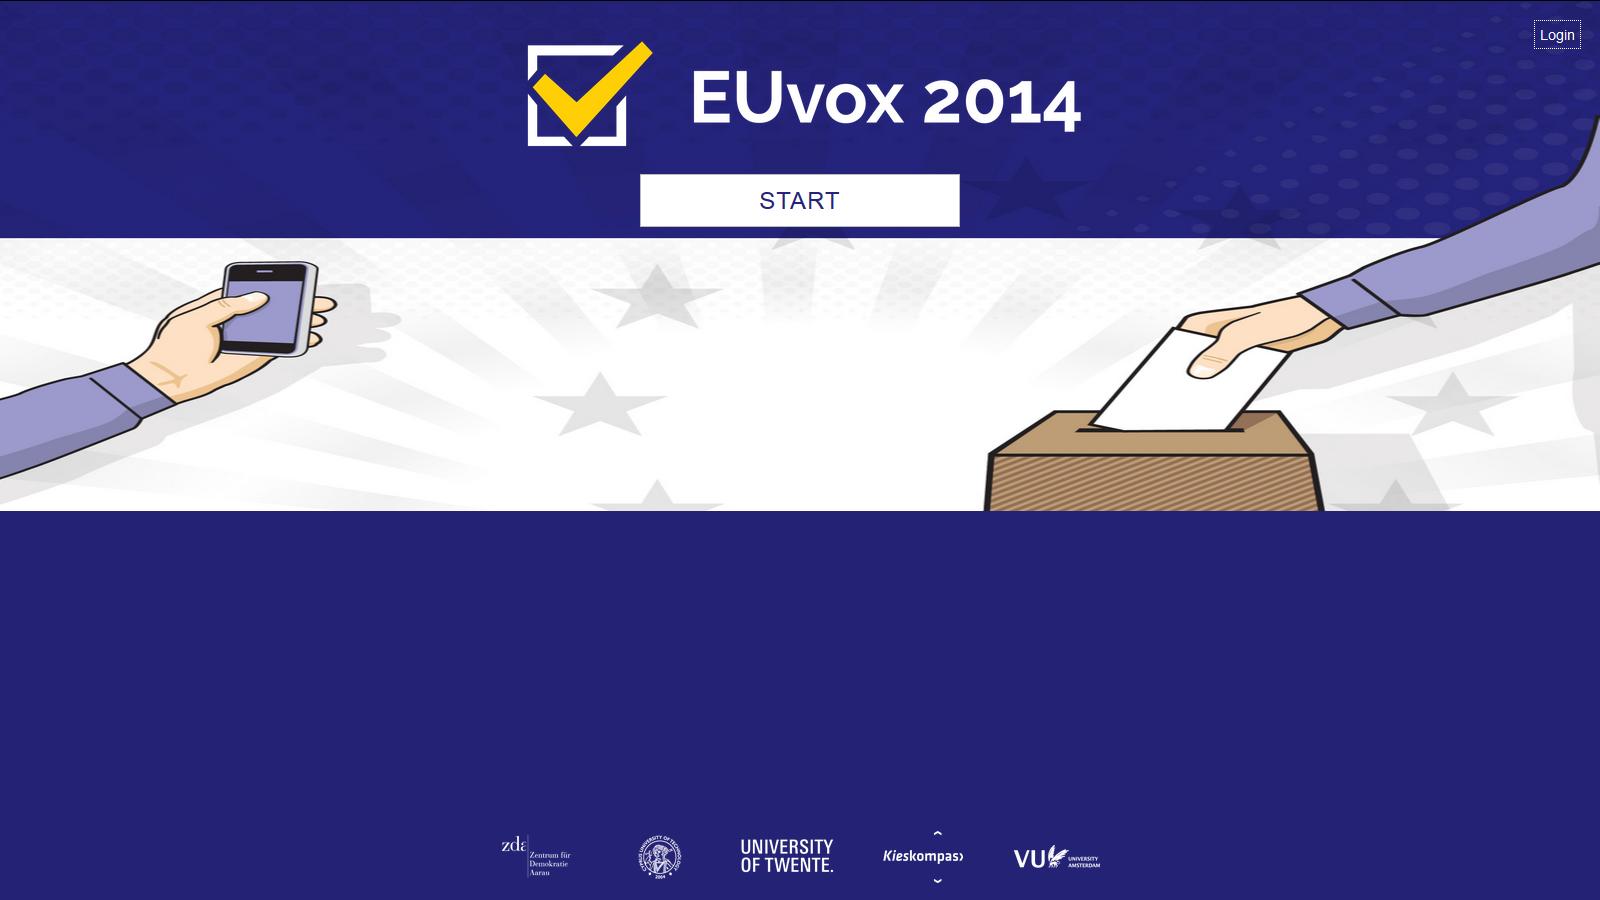 EUvox 2014